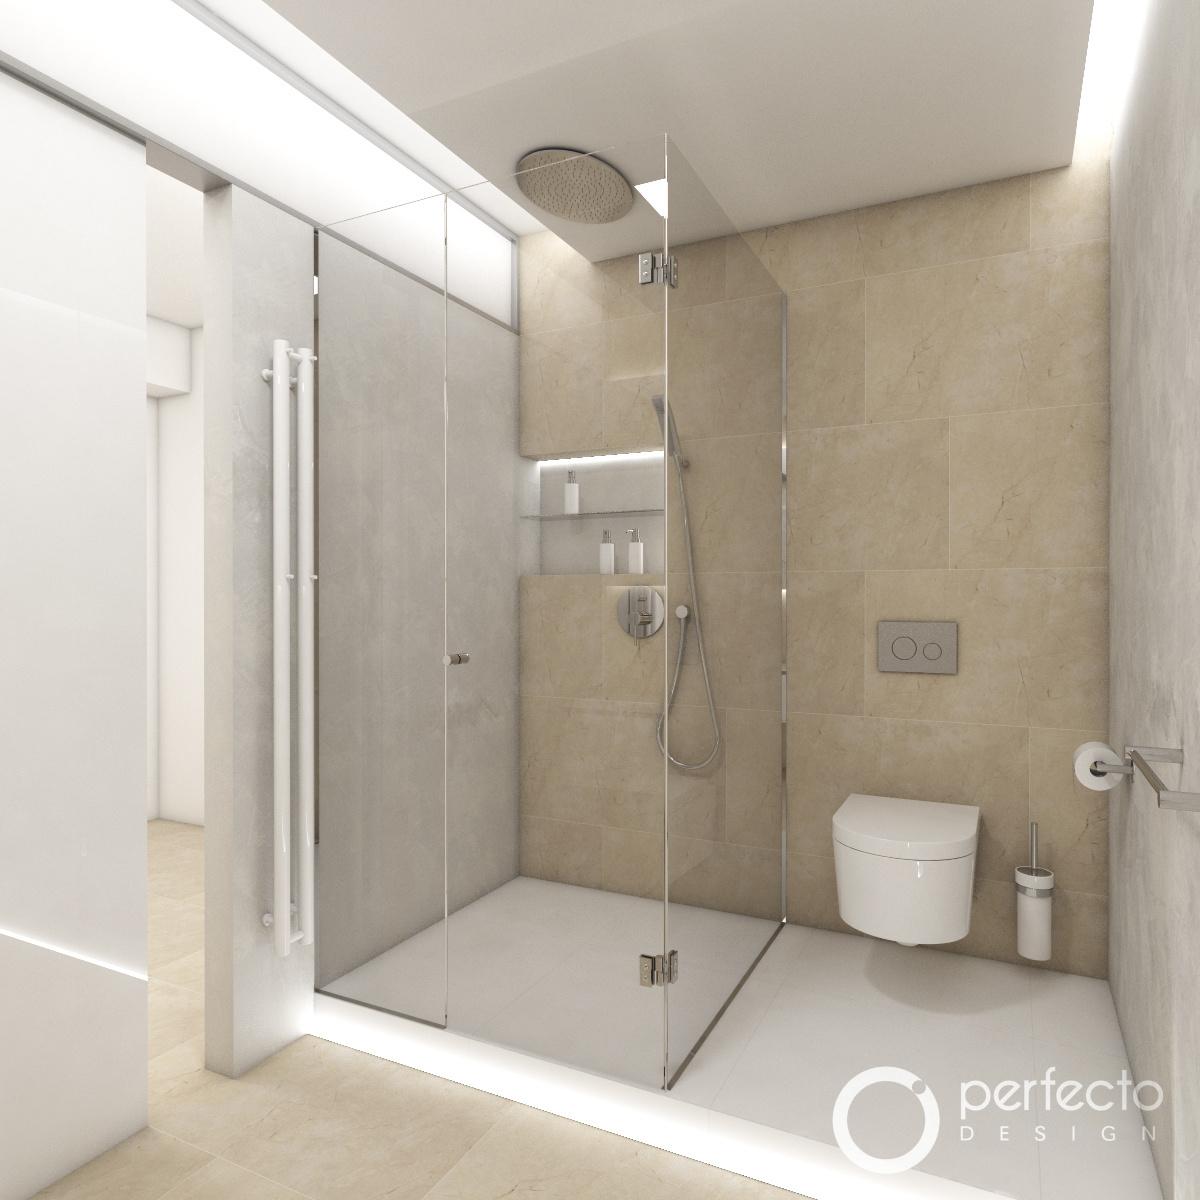 modernes badezimmer halo perfecto design. Black Bedroom Furniture Sets. Home Design Ideas